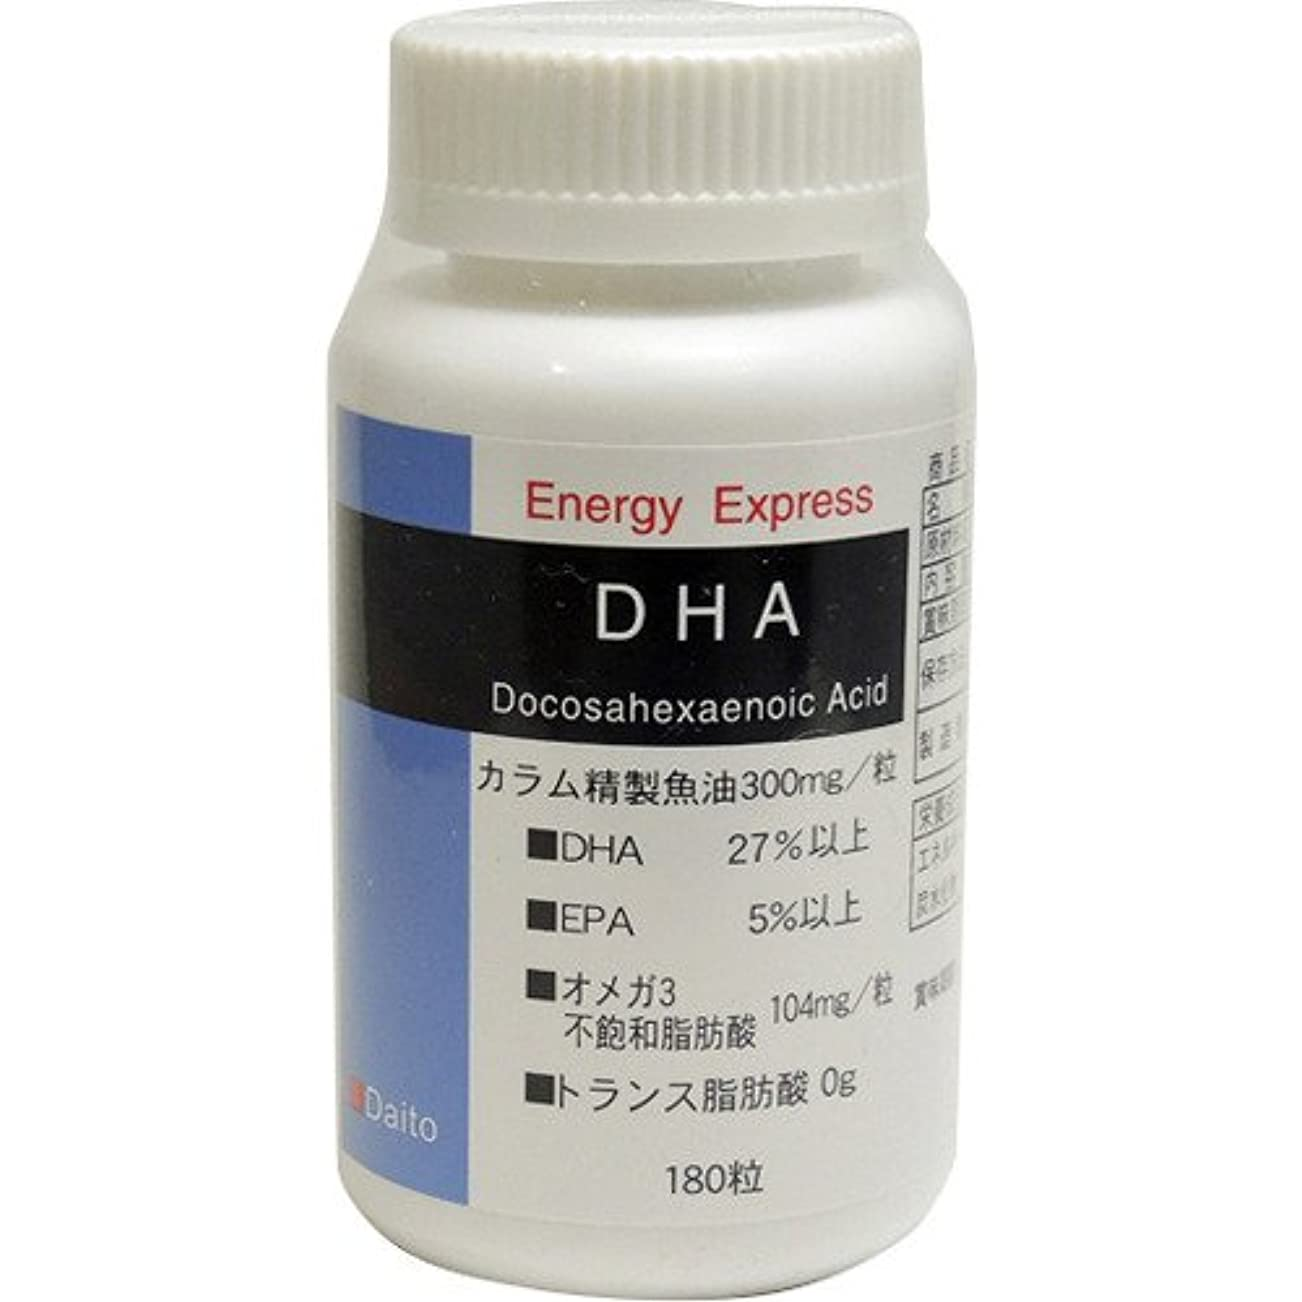 藤色ミサイルなぜならダイトー水産 エナジーエキスプレス DHA 445mg×180粒入り